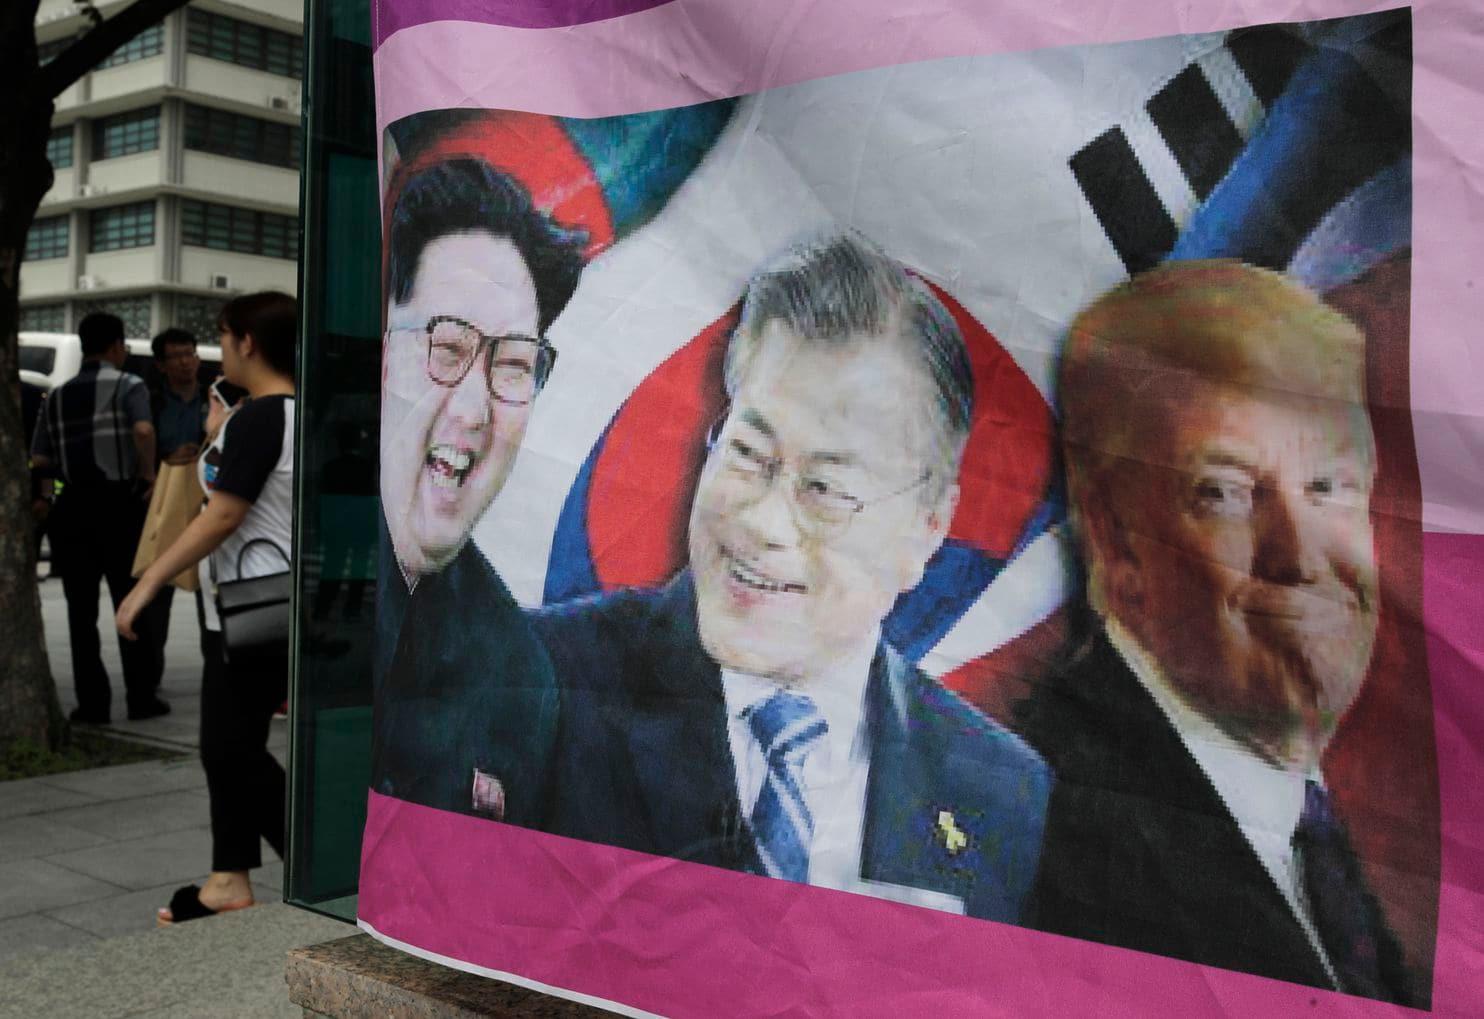 Madaxweyne Trump Oo Xadka Milatariga Ka Caagan Kula Kulmaya Kim Jong-Un